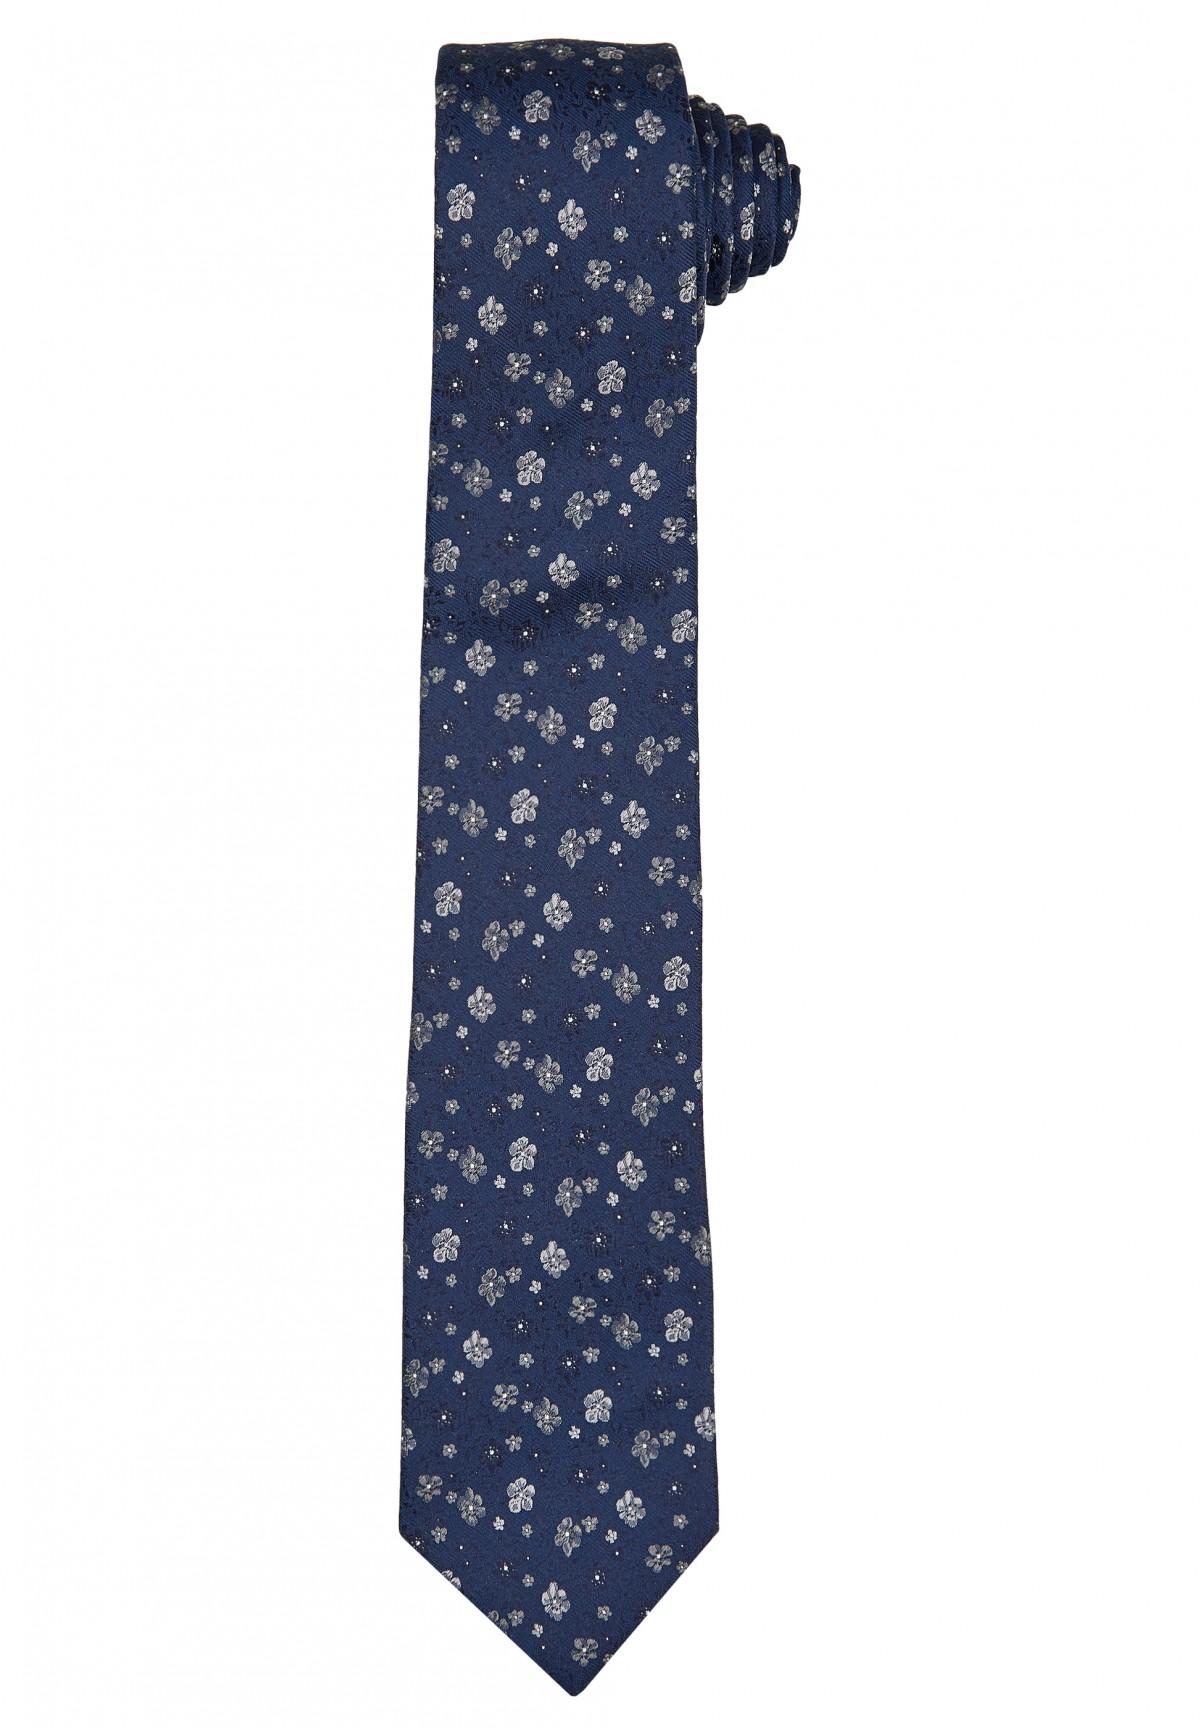 Cravate en soie /